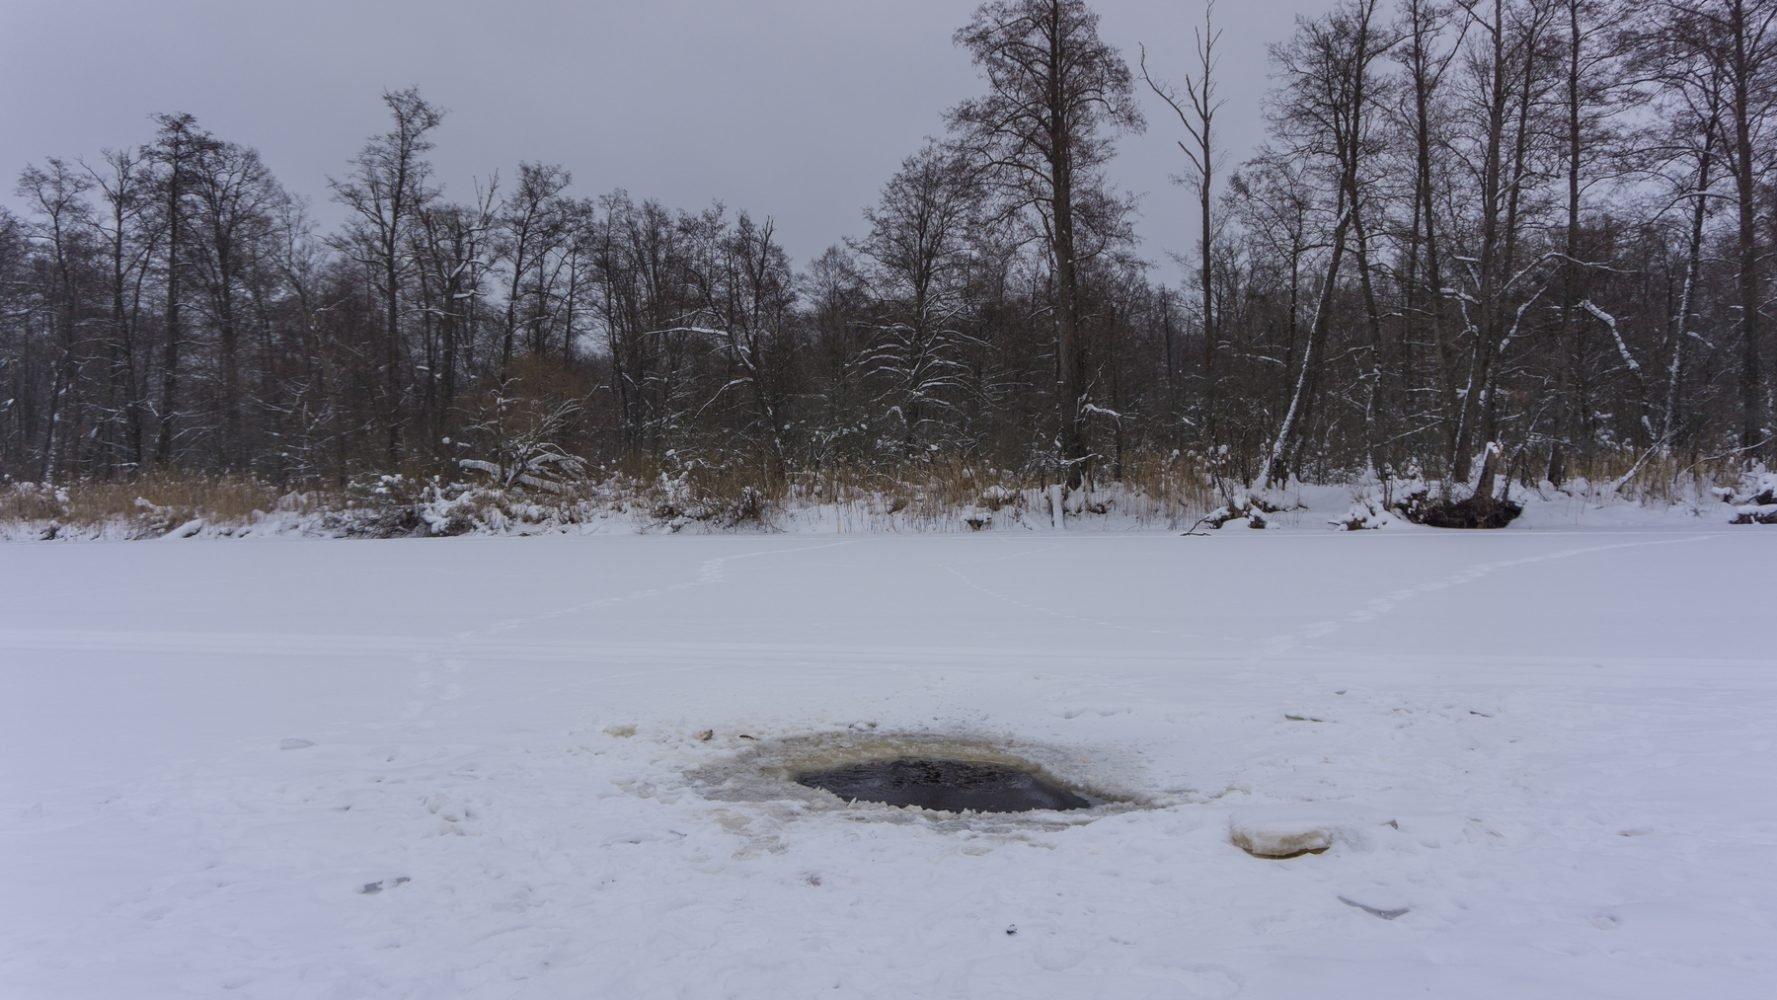 Лёд на озере больше 20 сантиметров, местные рыбаки поддерживают несколько прорубей для предотвращения замора рыбы.